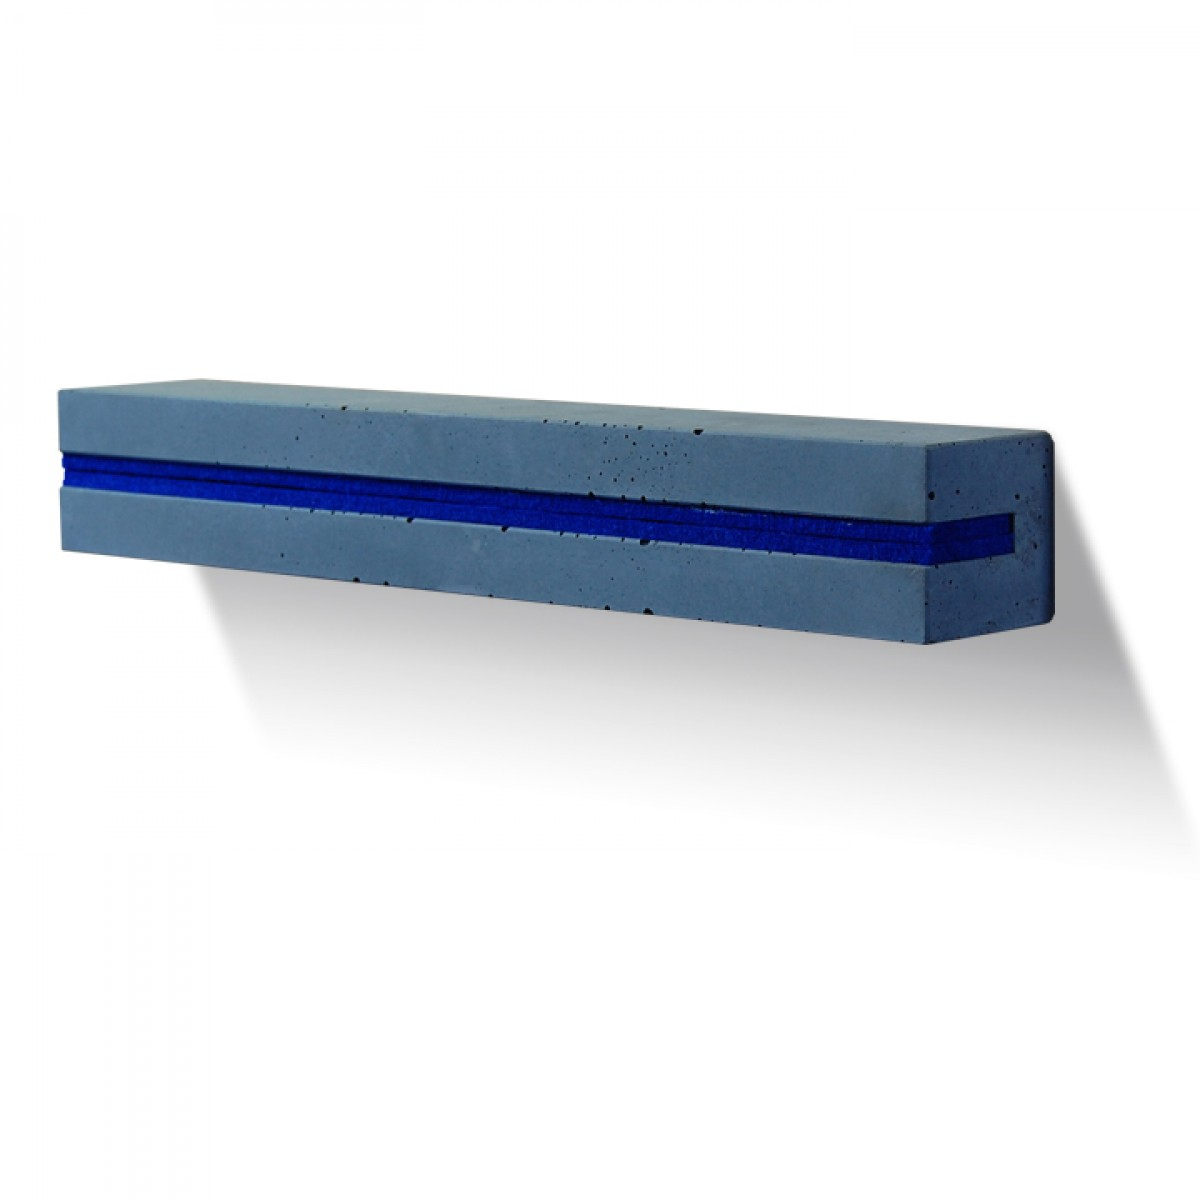 steinimbrett I Schlüsselboard Beton und Filz I verschiedene Farben